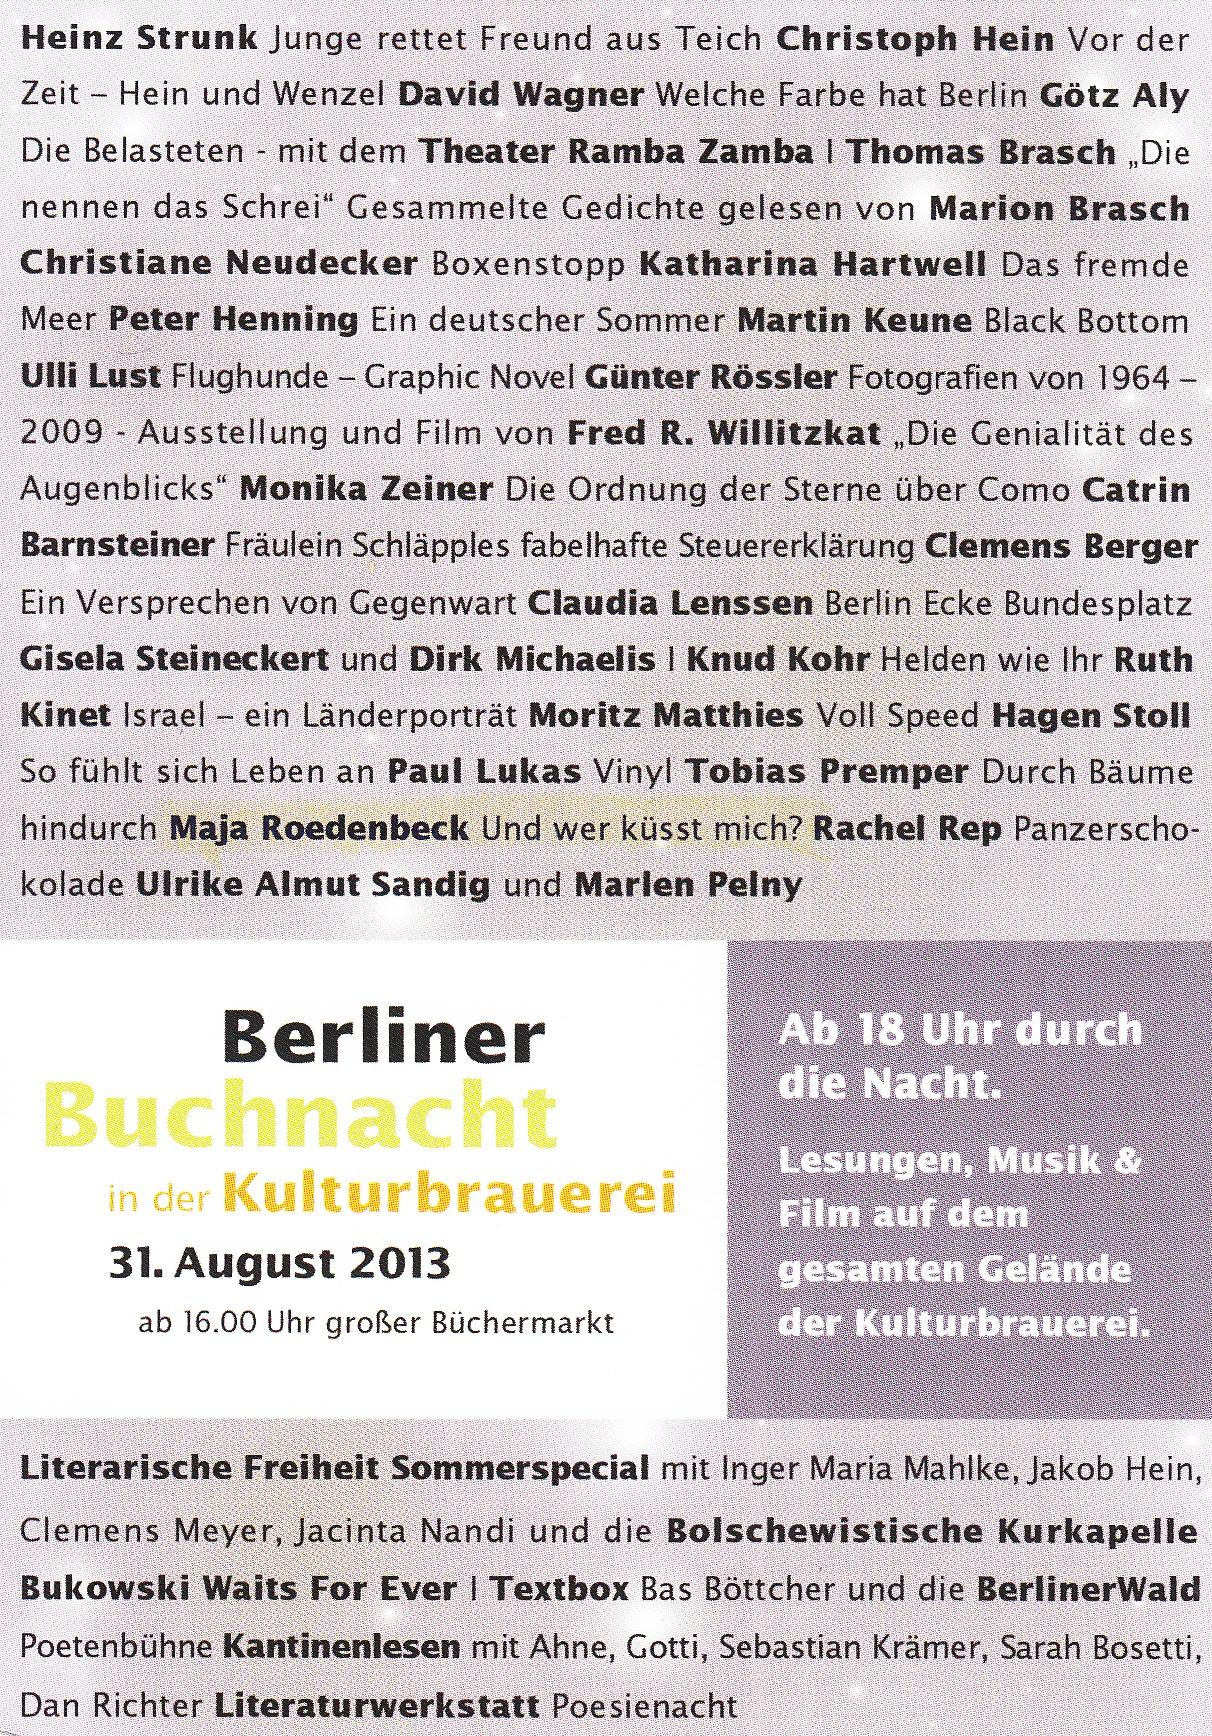 Berliner Buchnacht 2